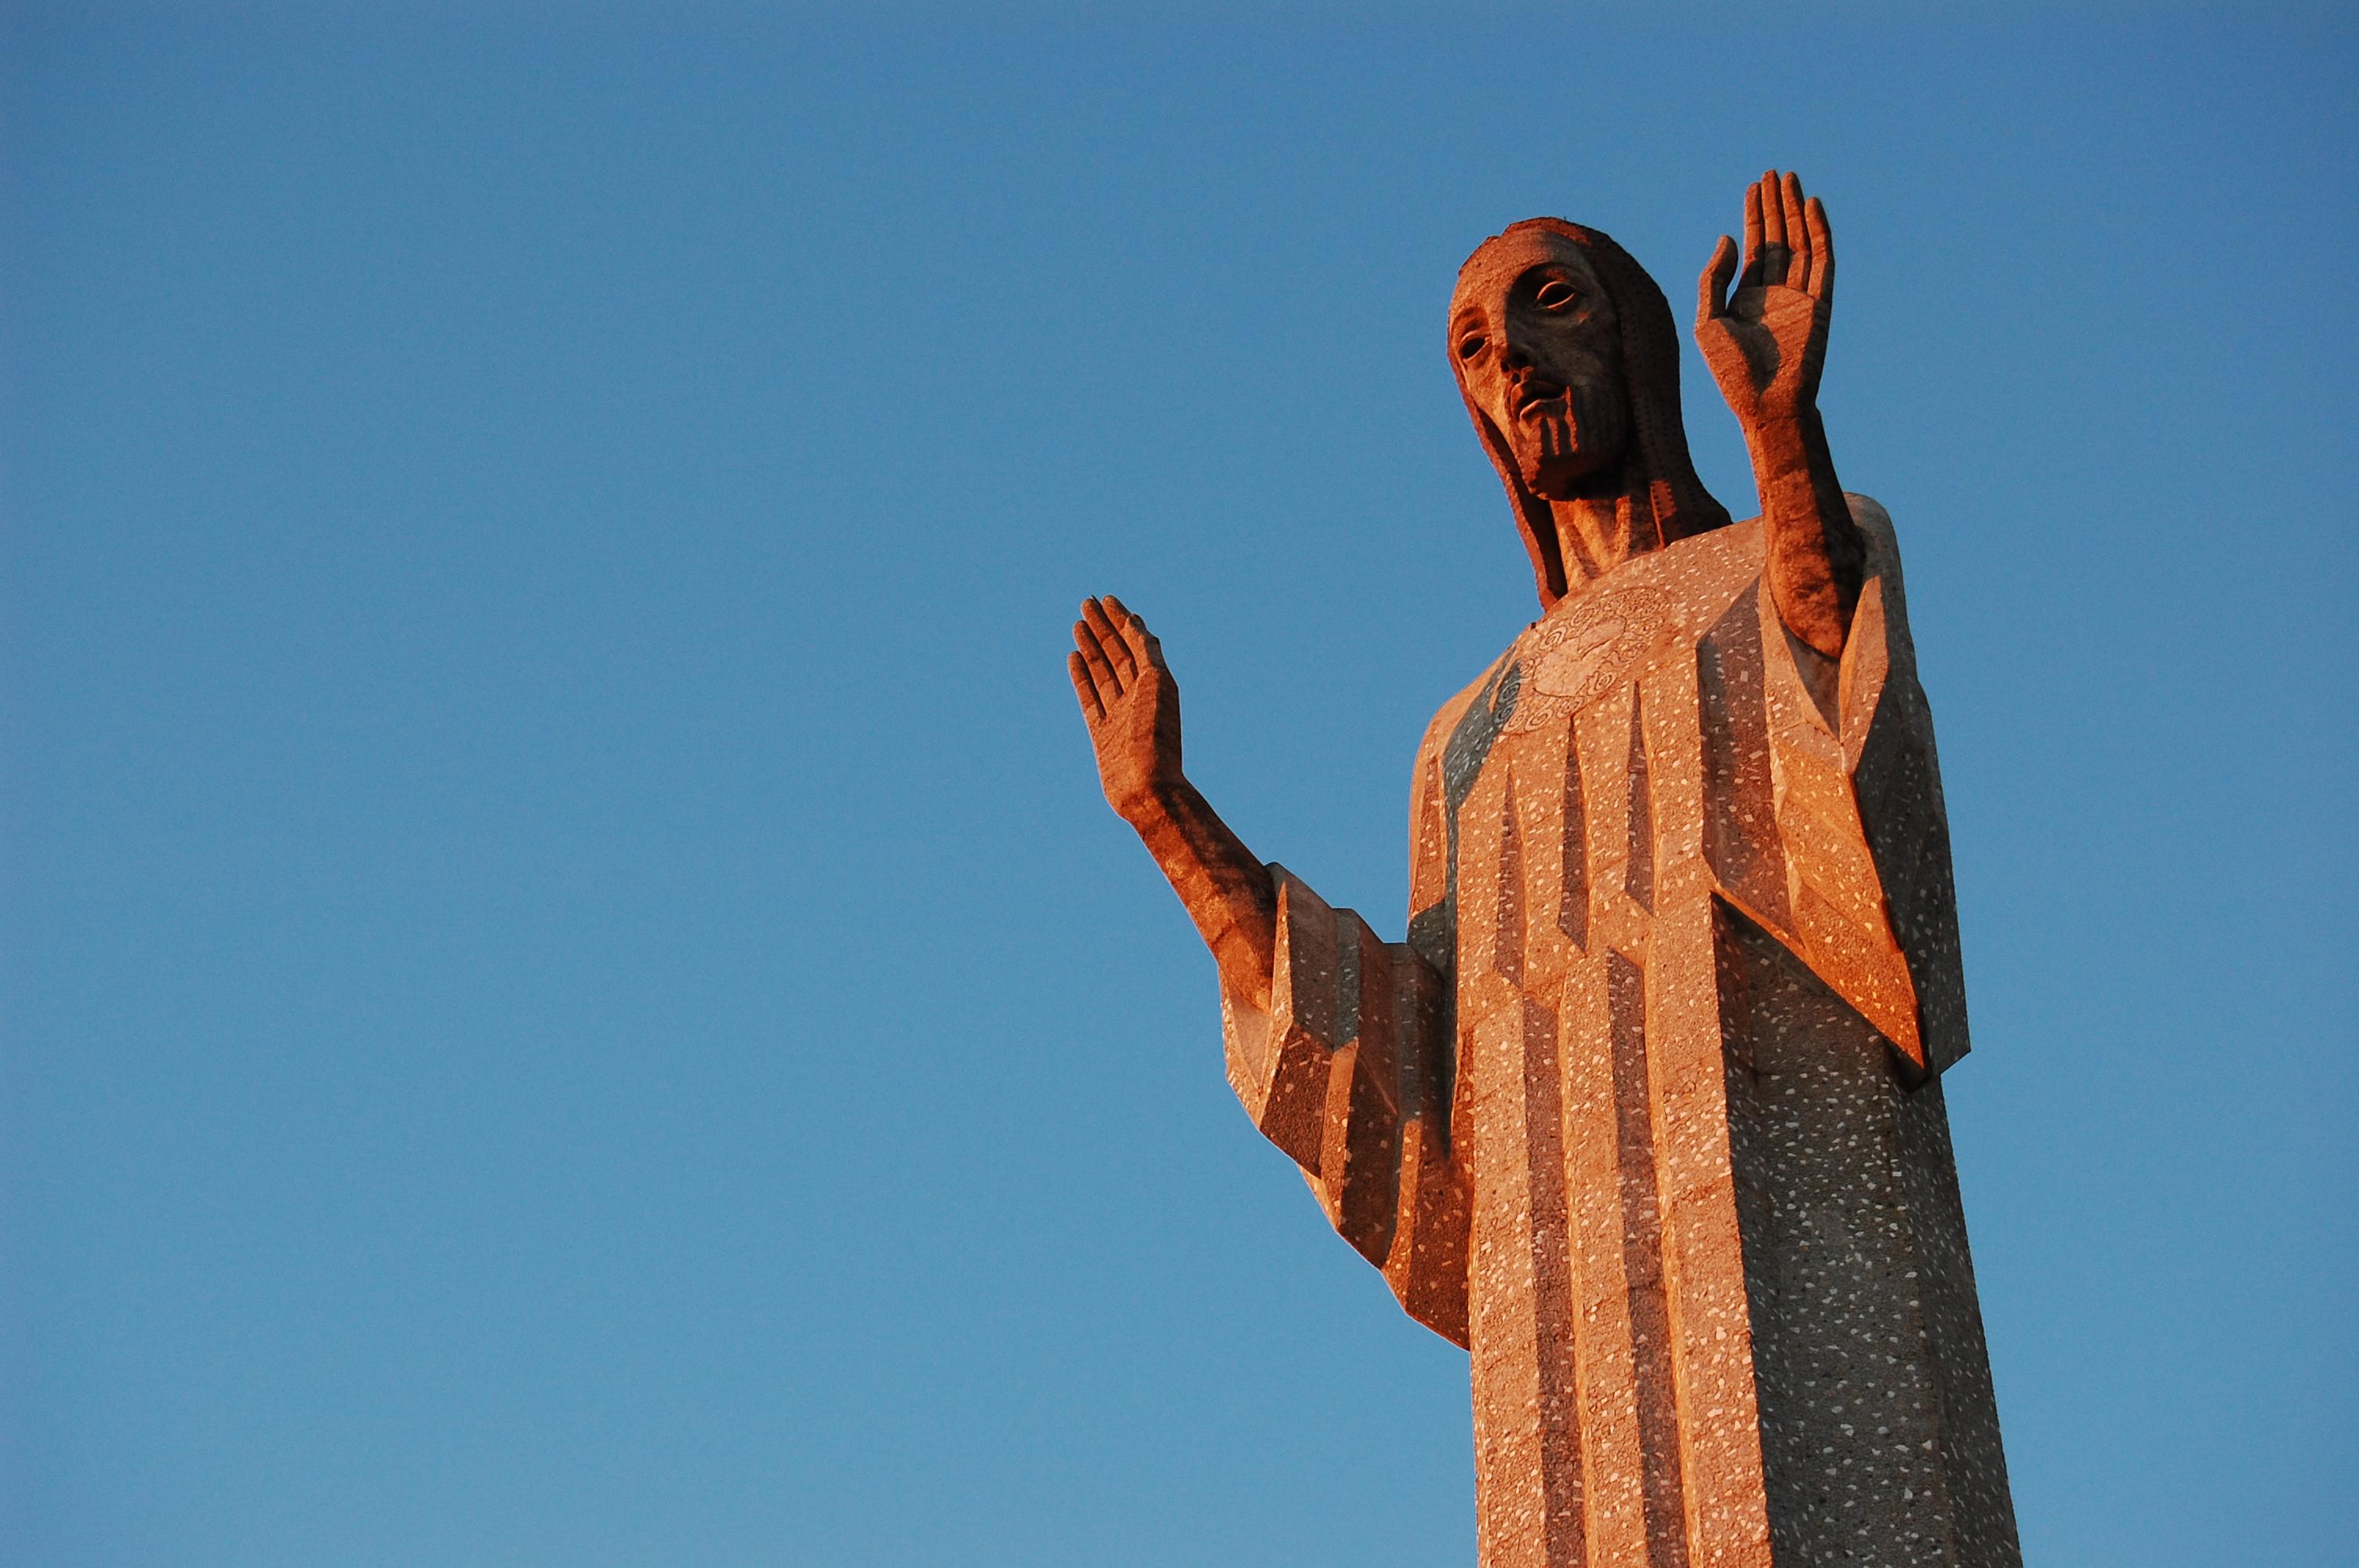 Il Cristo di Otero (30 metri), Palencia